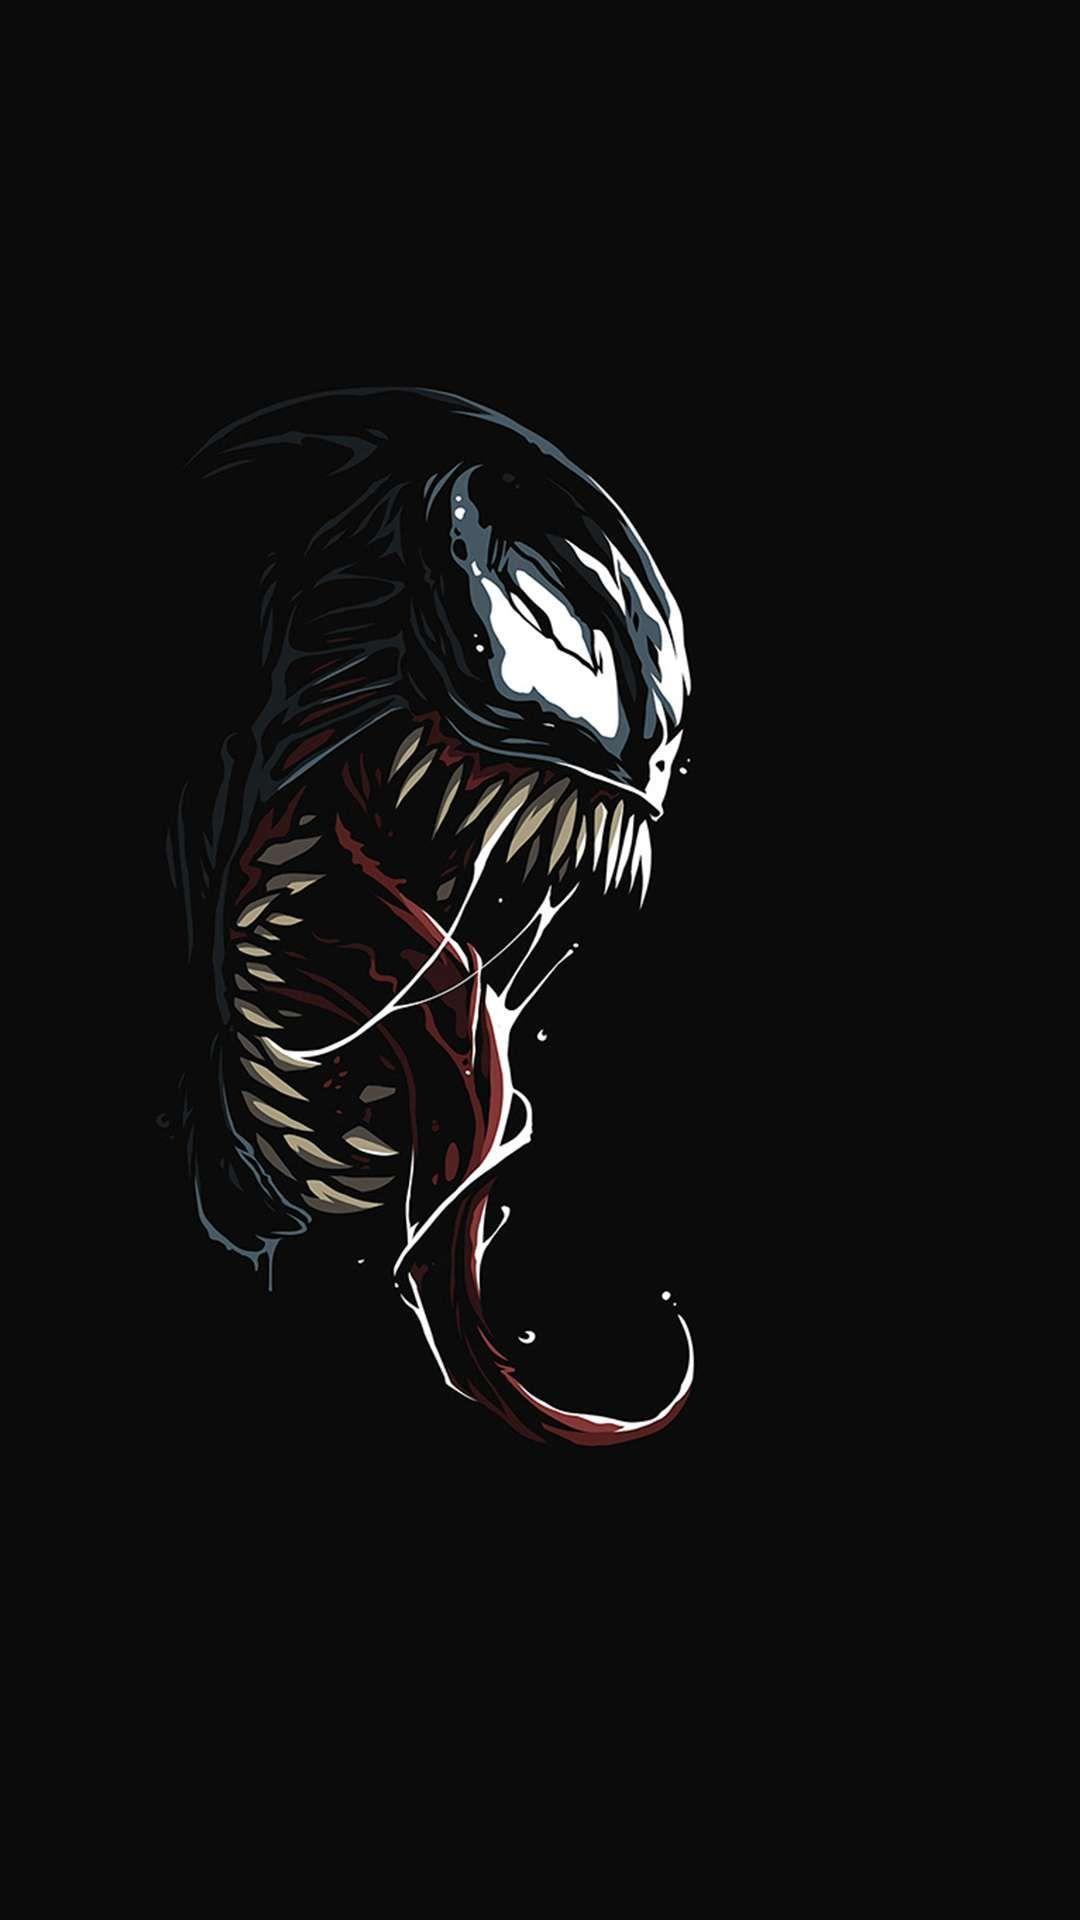 Venom Dark Black Minimal iPhone Wallpaper Marvel